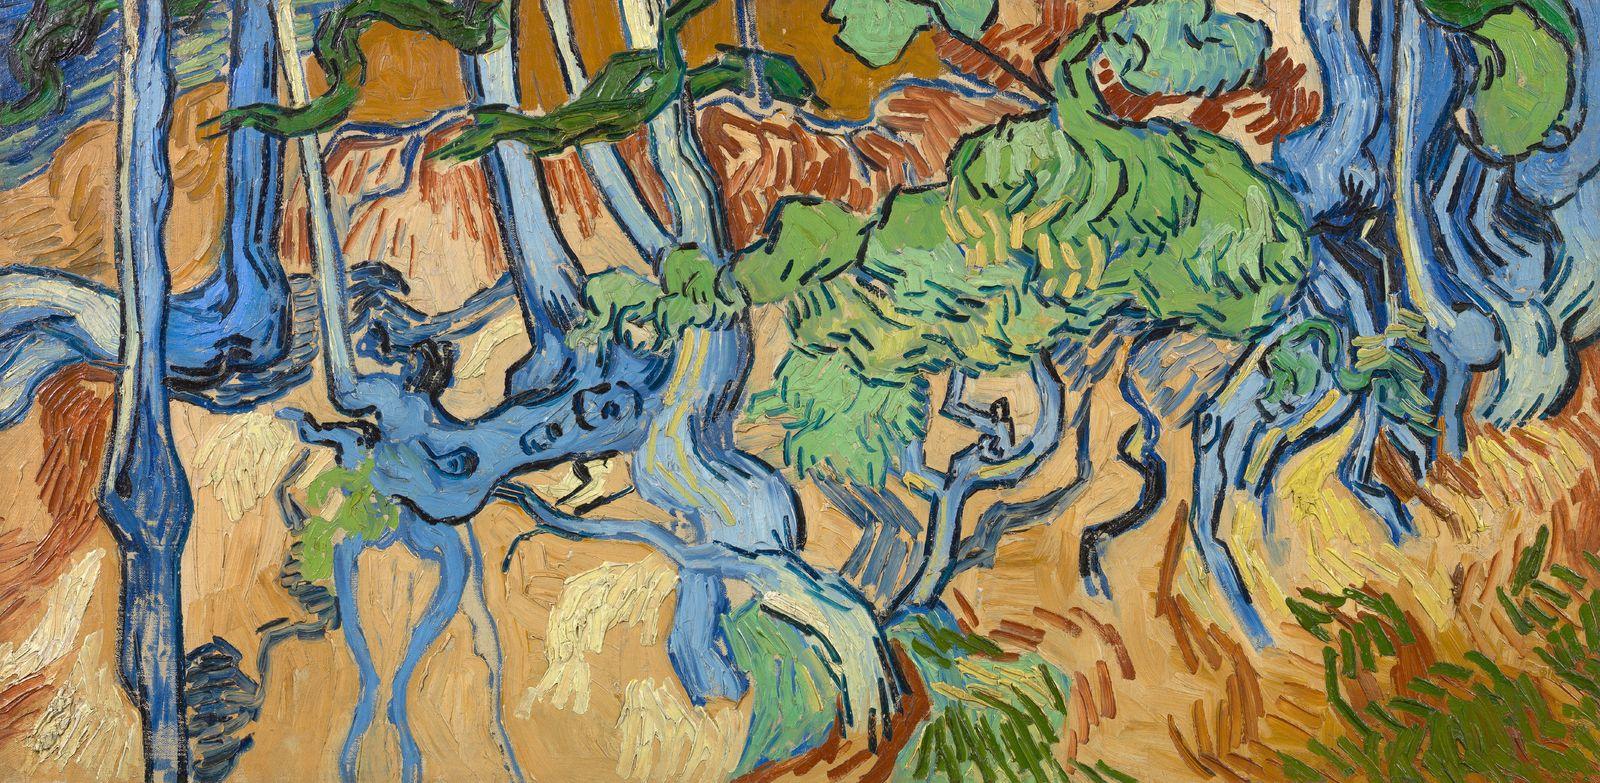 Forscher finden Ort von van Goghs letztem Gemälde